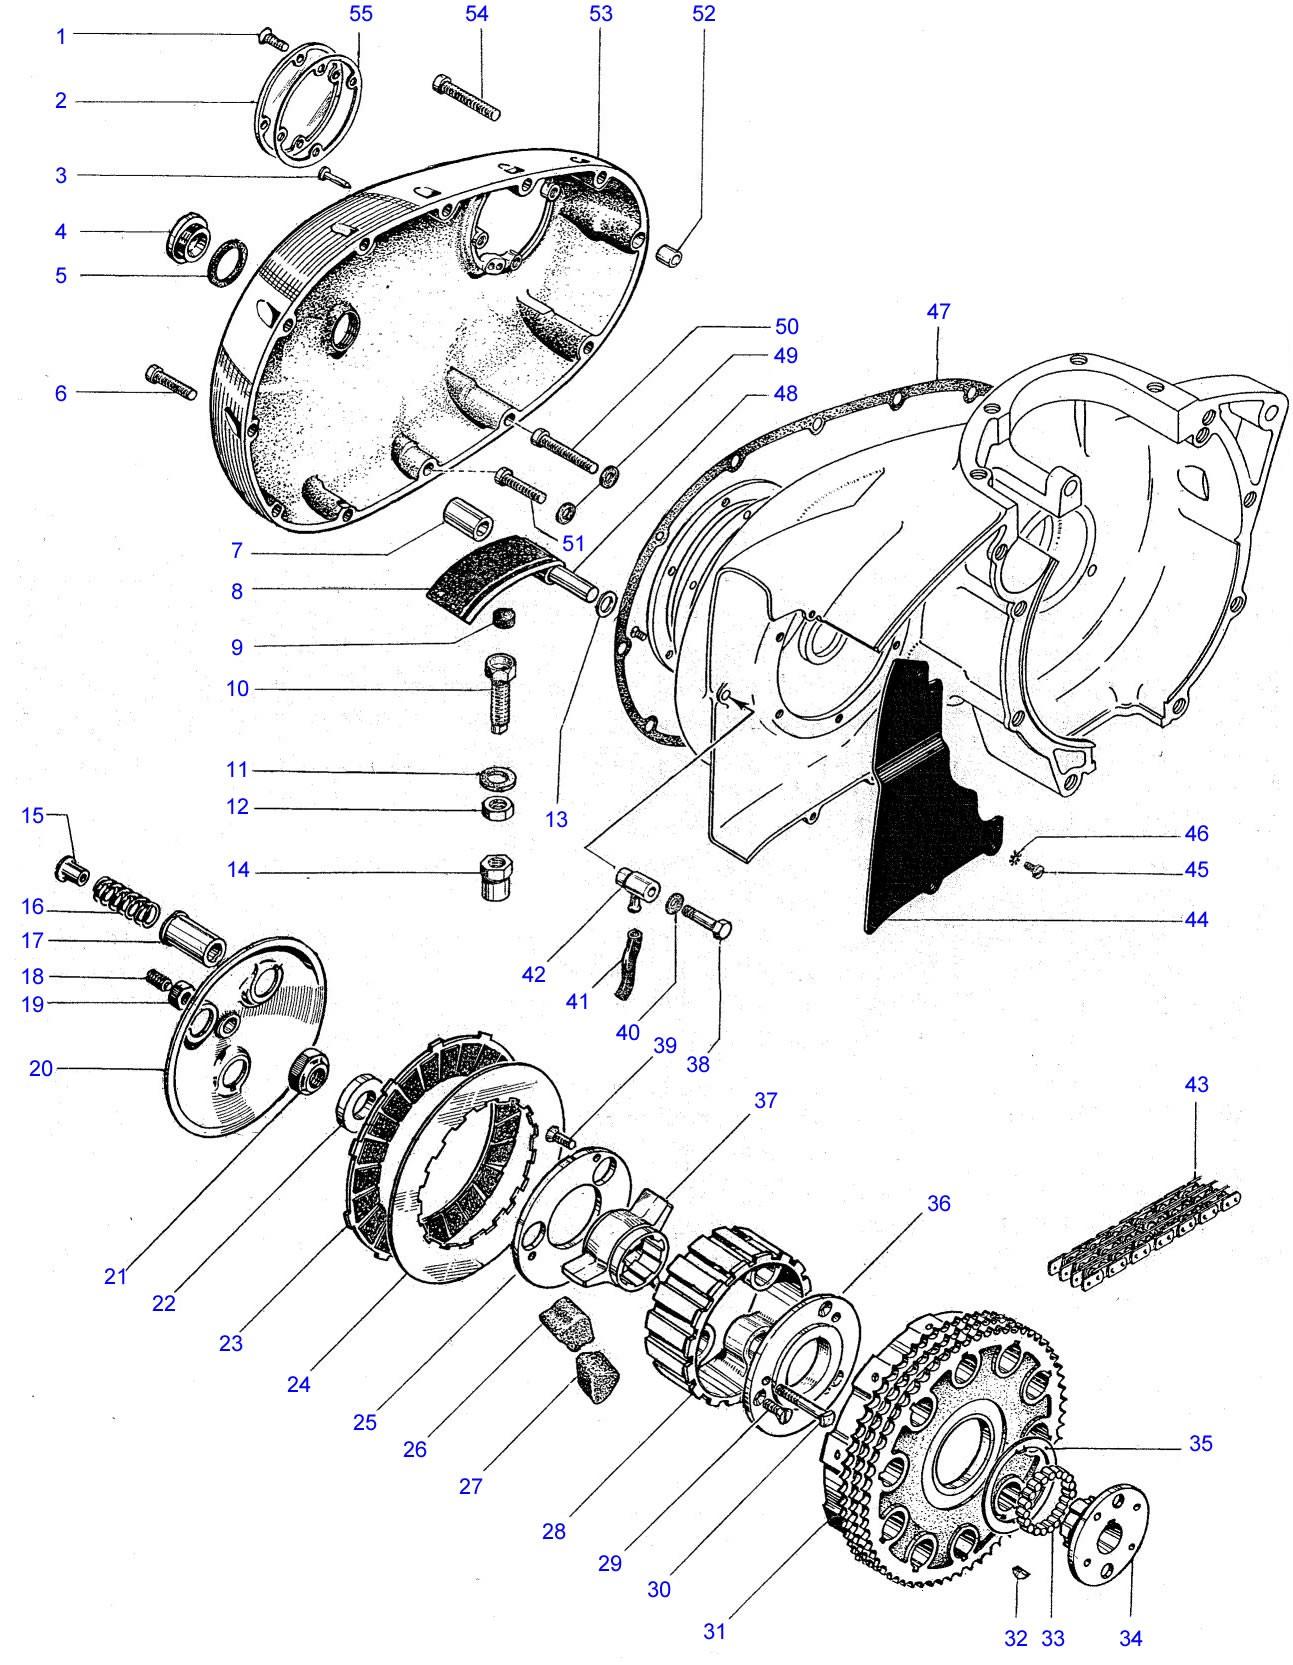 wrg 1822] wiring diagram 69 bsa a65 BSA A50 Wiring-Diagram bsa a50 wiring diagram